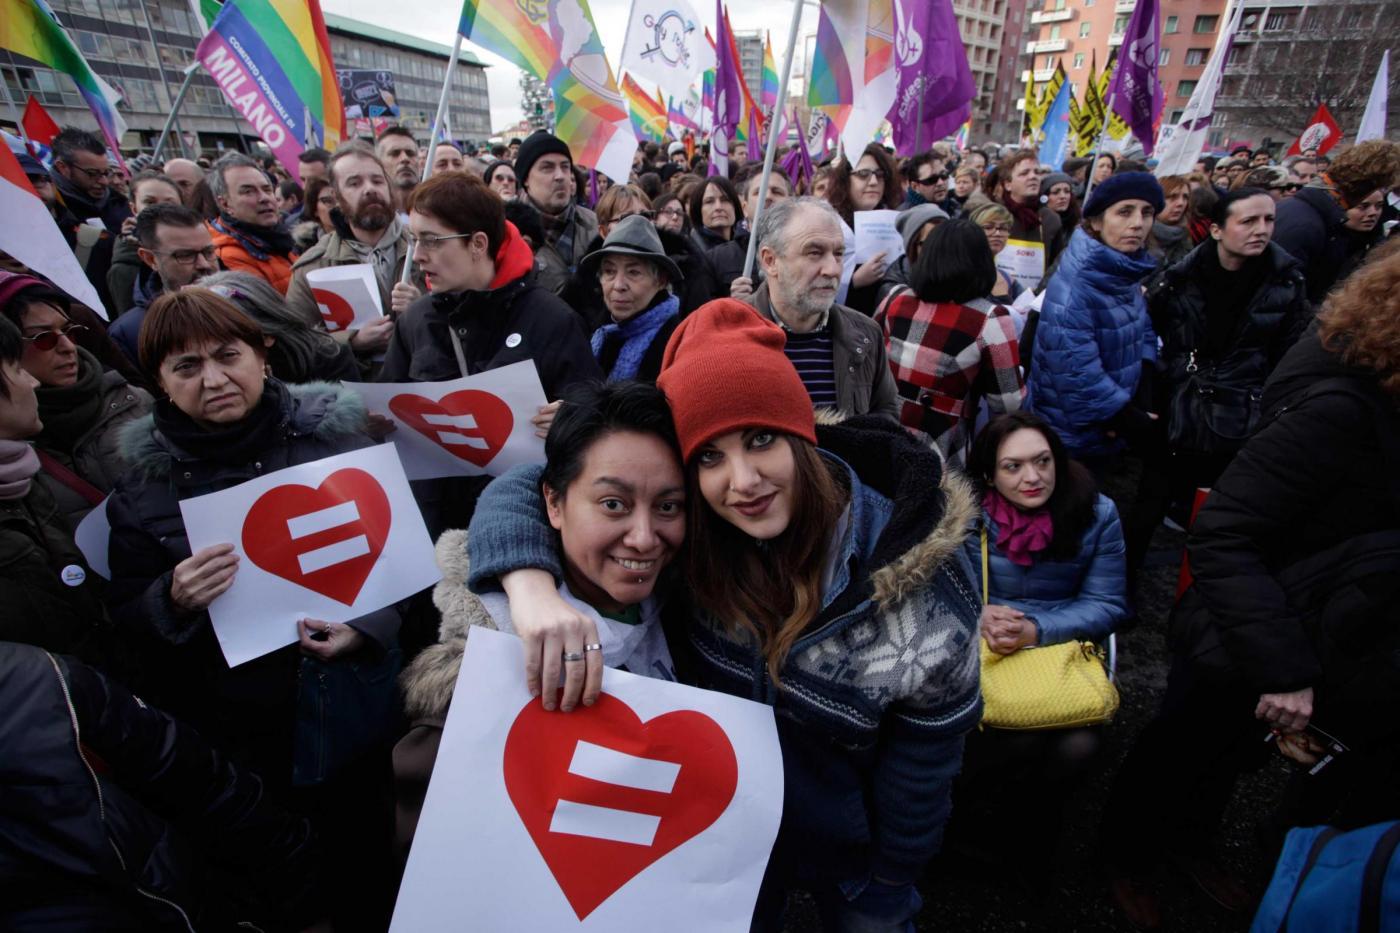 Giornata contro Omofobia, transofobia e bullismo: violenza e discriminazioni offendono tutti